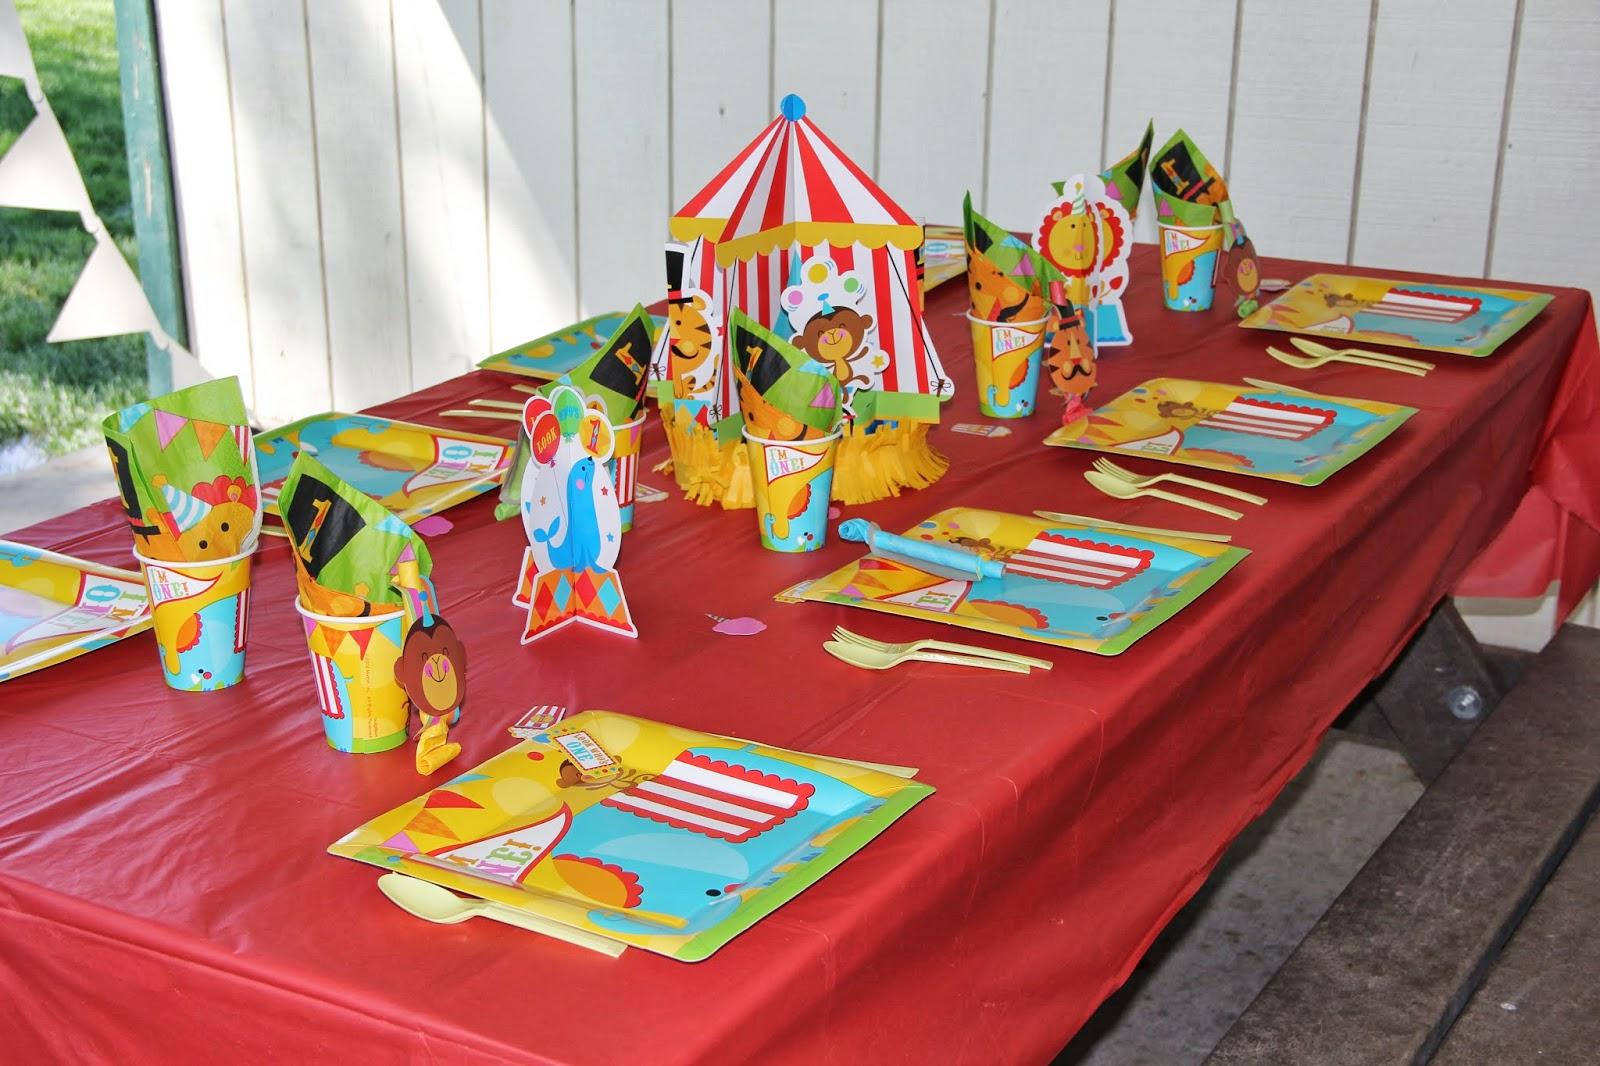 Оформления стола на день рождения ребенка фото